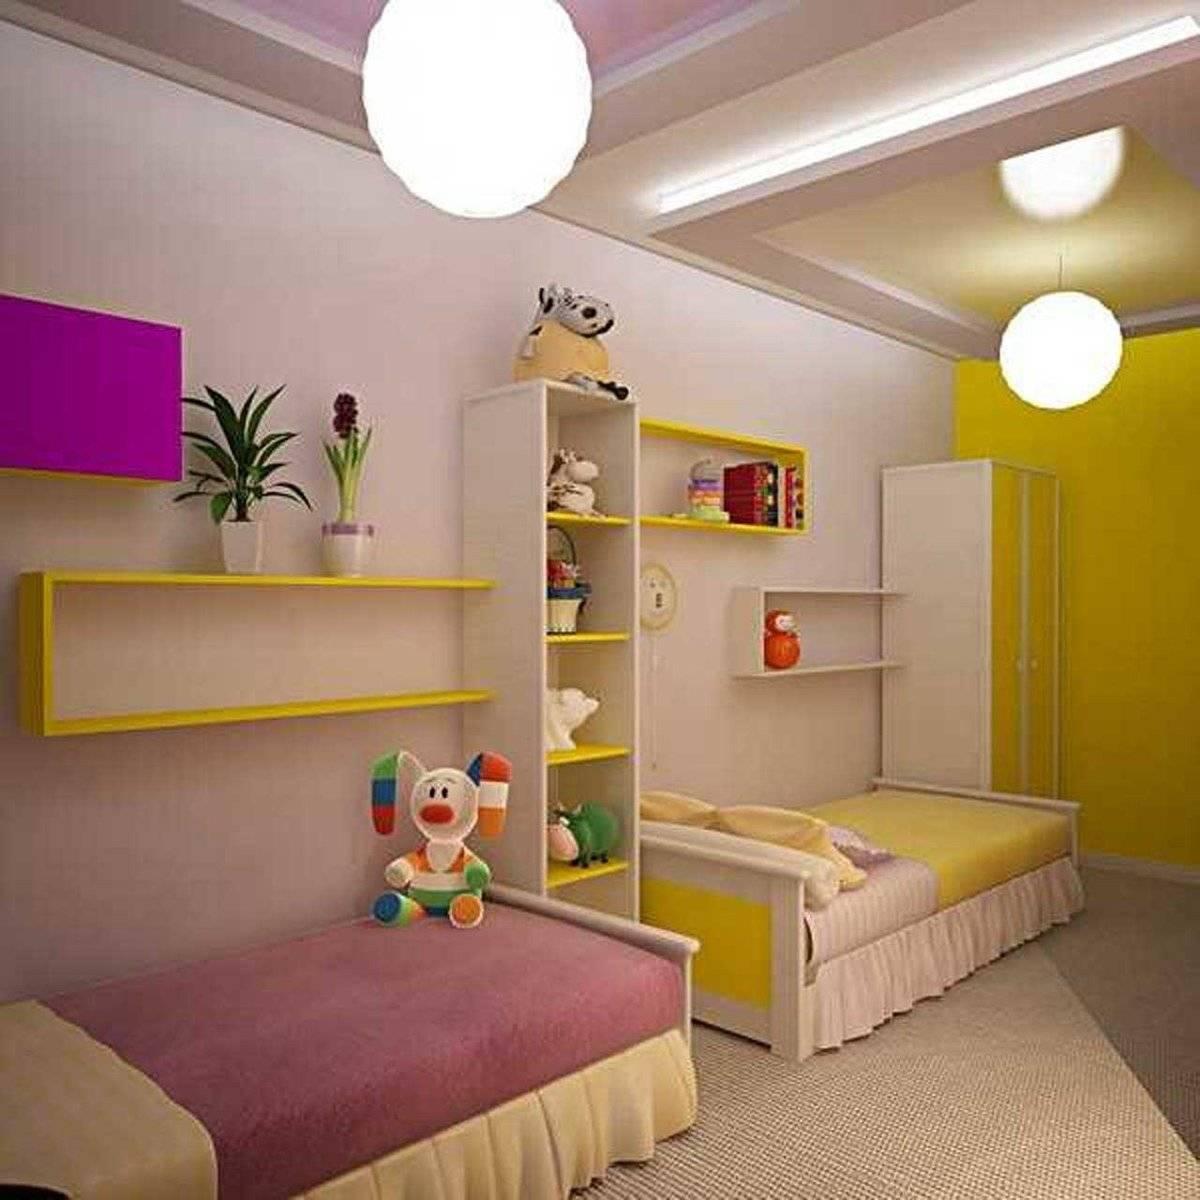 Детская для двоих разнополых детей: интересные идеи дизайна интерьера, фото